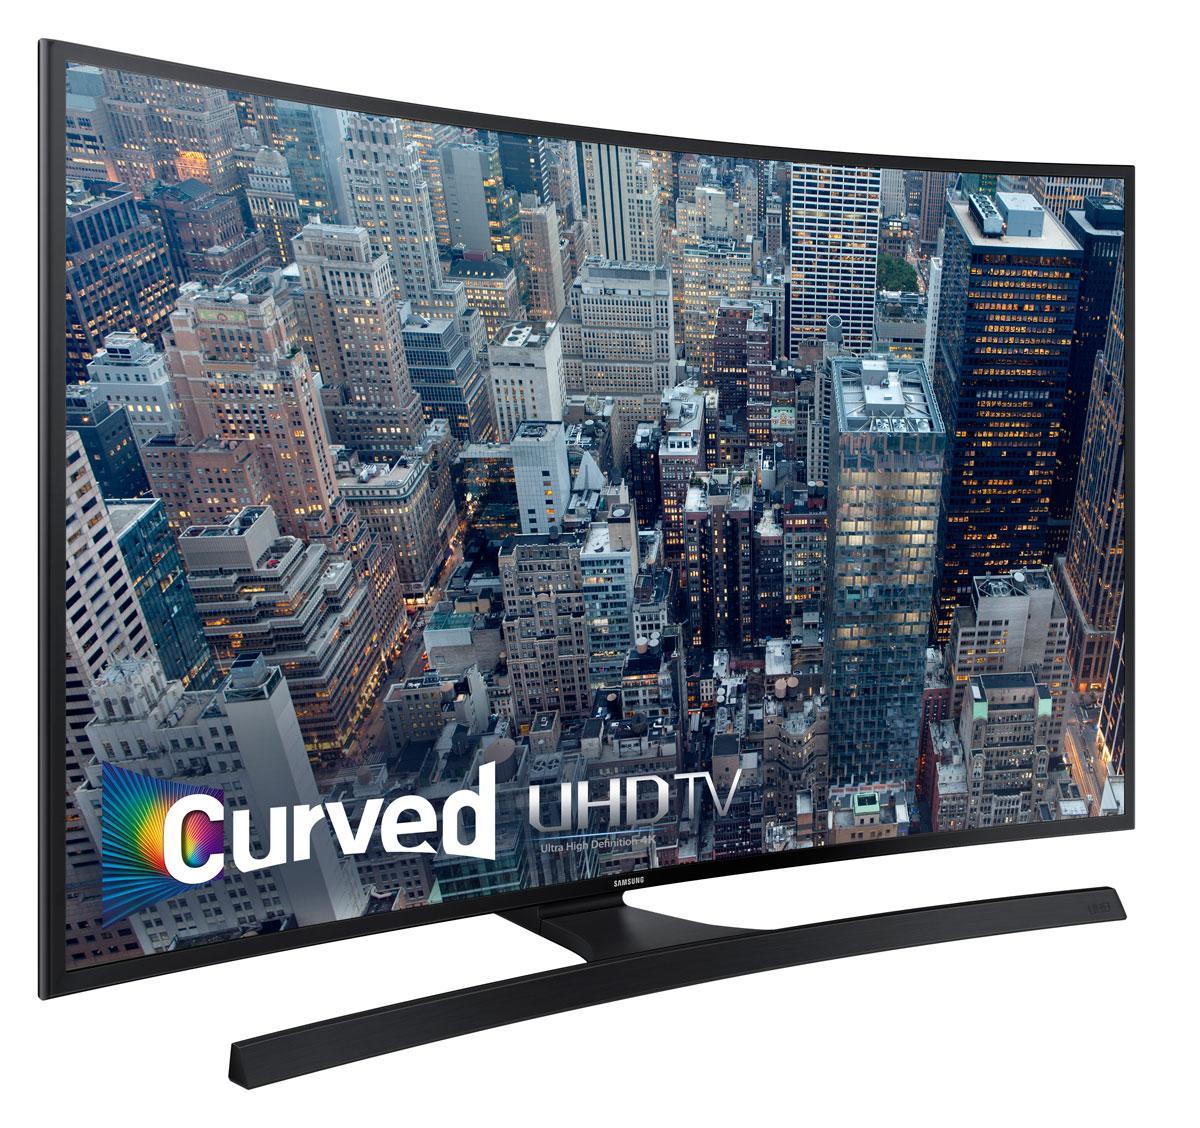 samsung un48ju6700 curved 48 inch 4k ultra hd smart led tv electronics. Black Bedroom Furniture Sets. Home Design Ideas